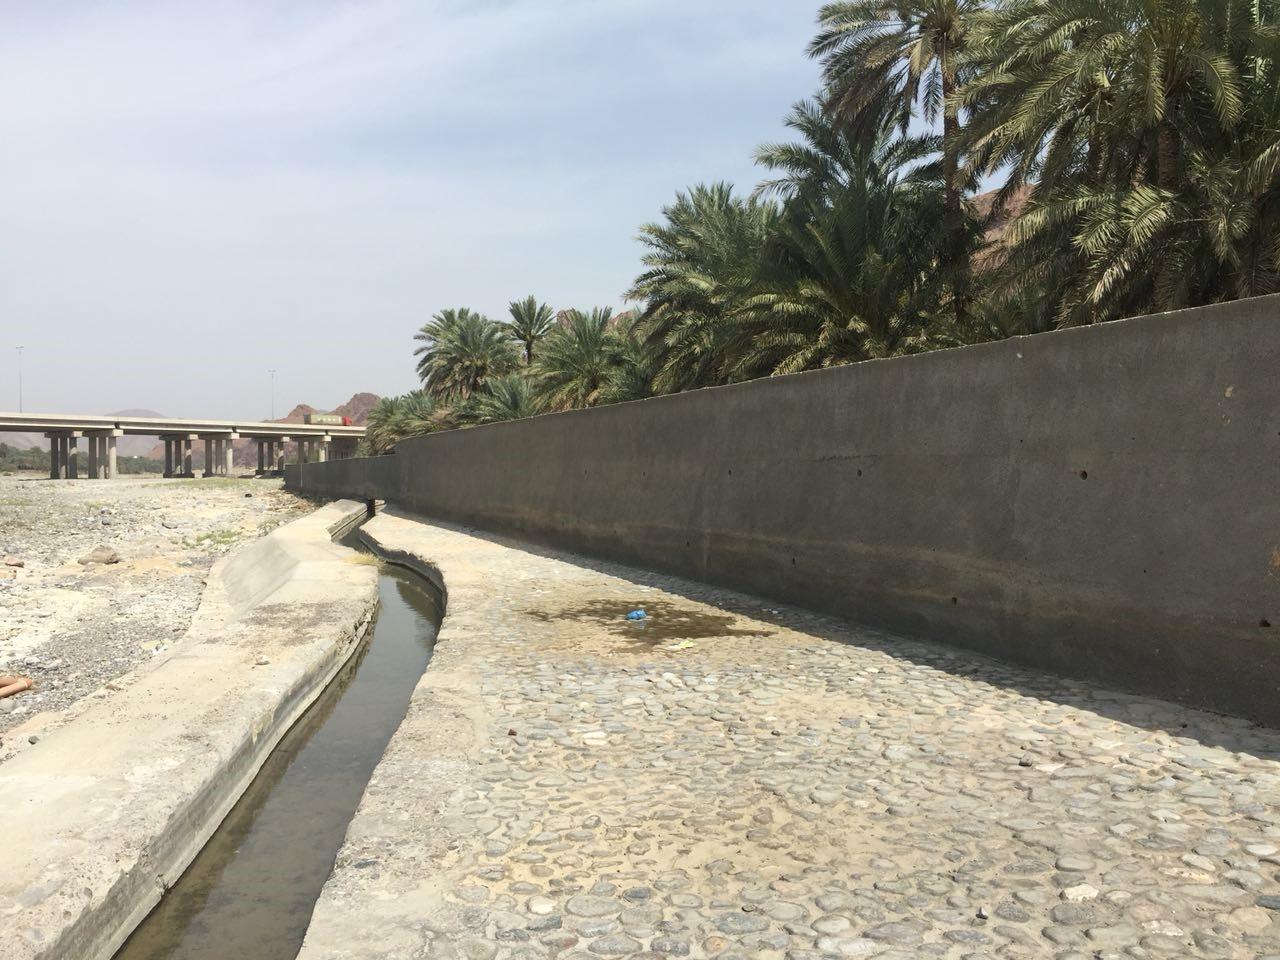 """155 حائط حماية.. """"الزراعة"""" تبذل جهودا لحماية الأراضي الزراعية من الانجراف"""